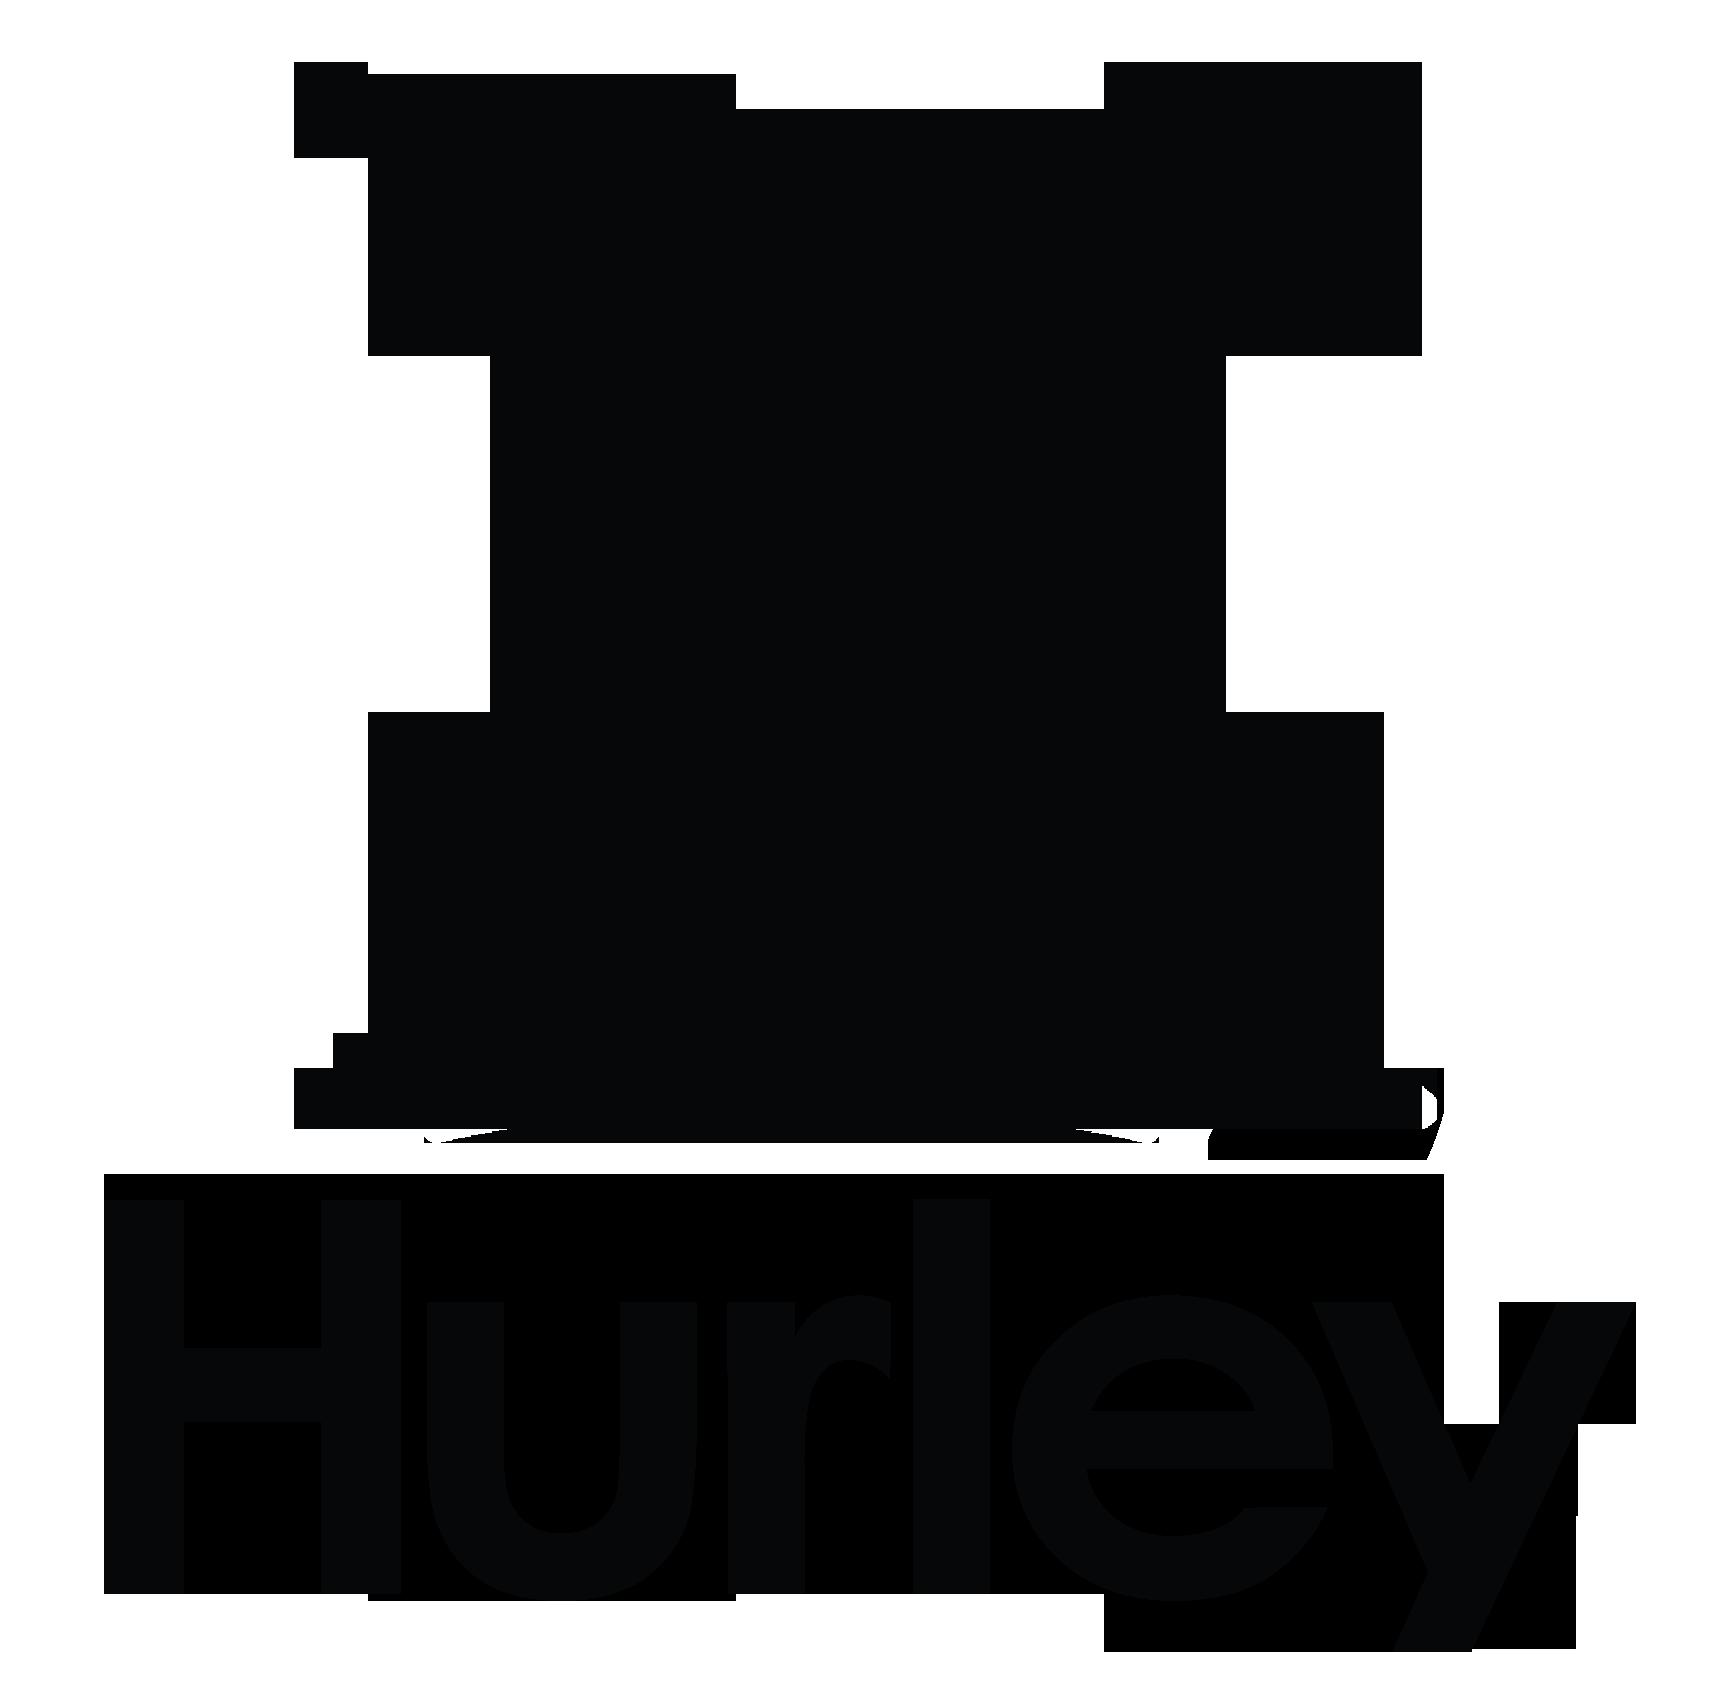 Hurley Adesivos fce17bd76a2